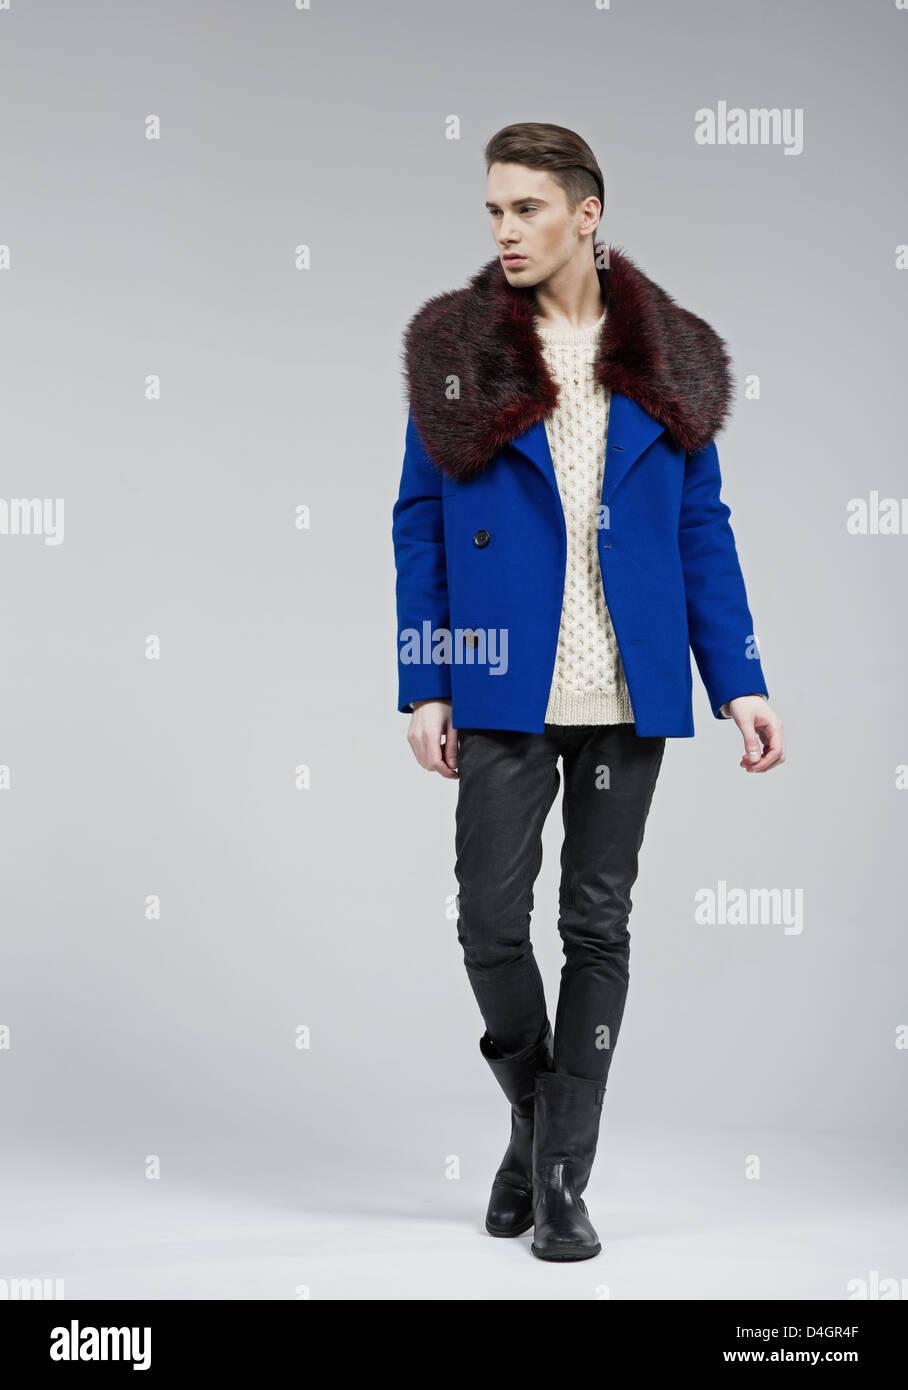 Bello elegante uomo vestito di blue coat Immagini Stock